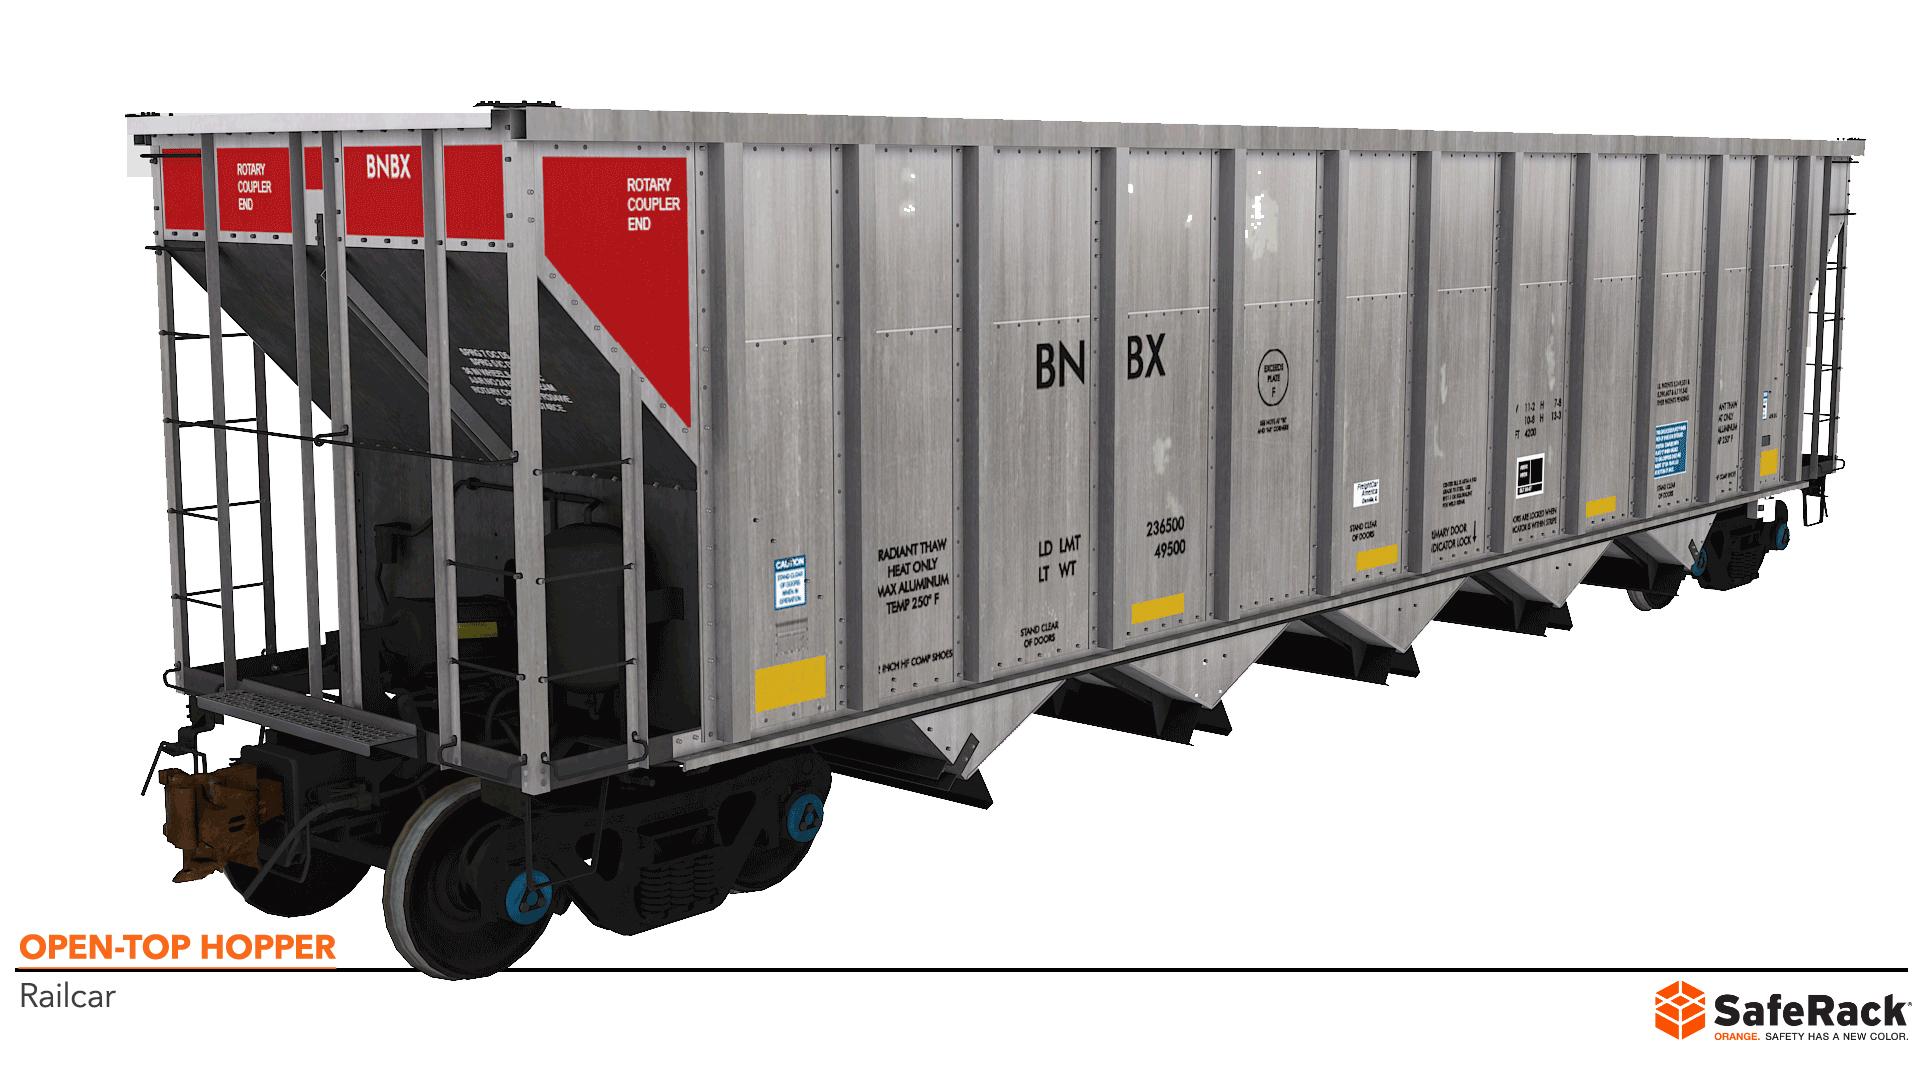 Open-Top Hopper Railcar